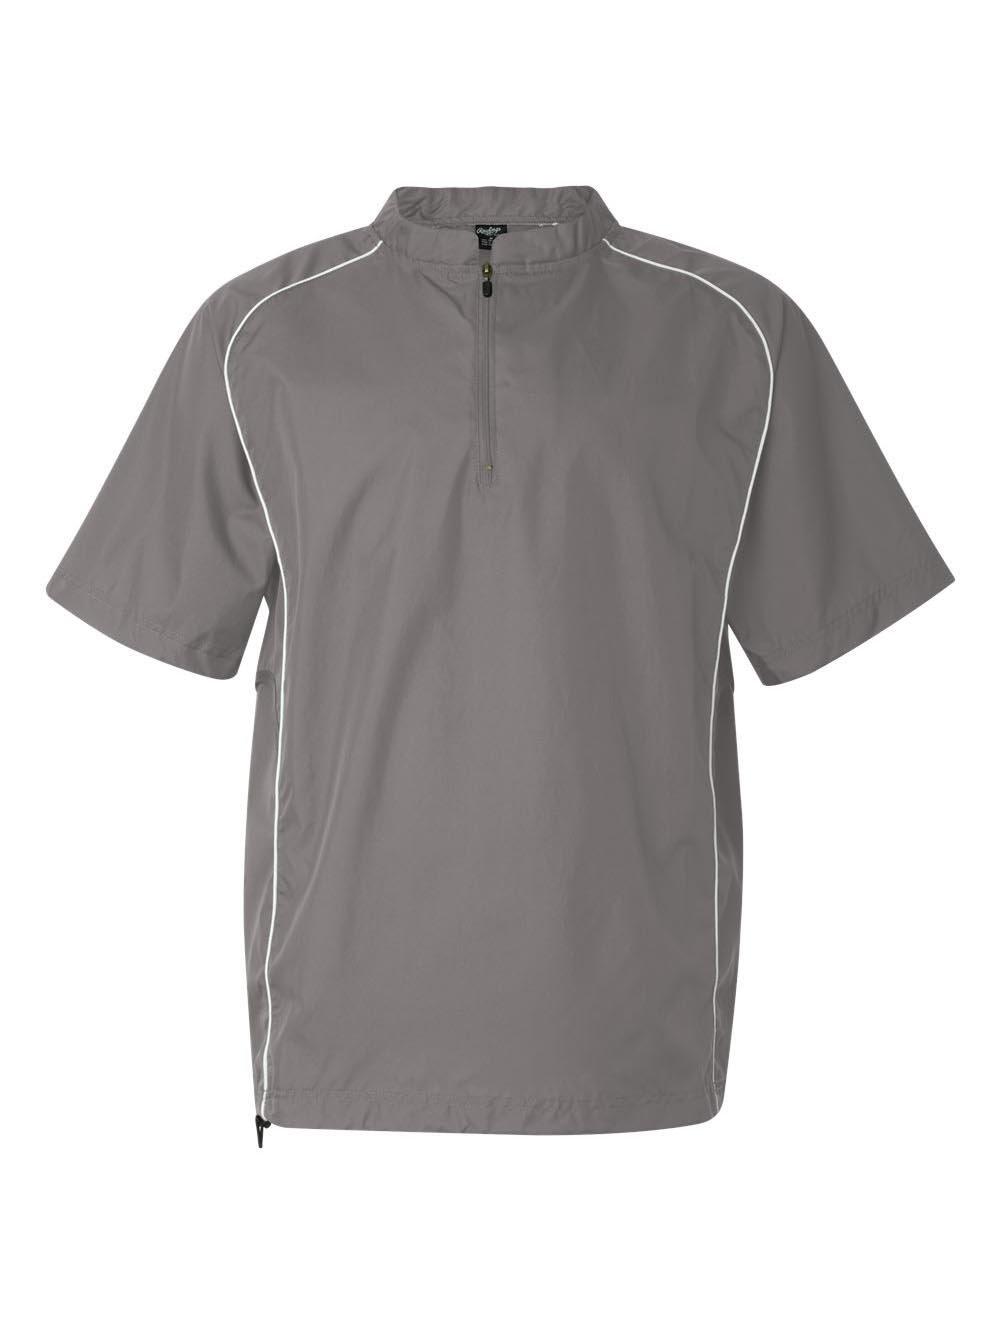 Rawlings Short Sleeve 1/4 Zip Pullover, L, Steel